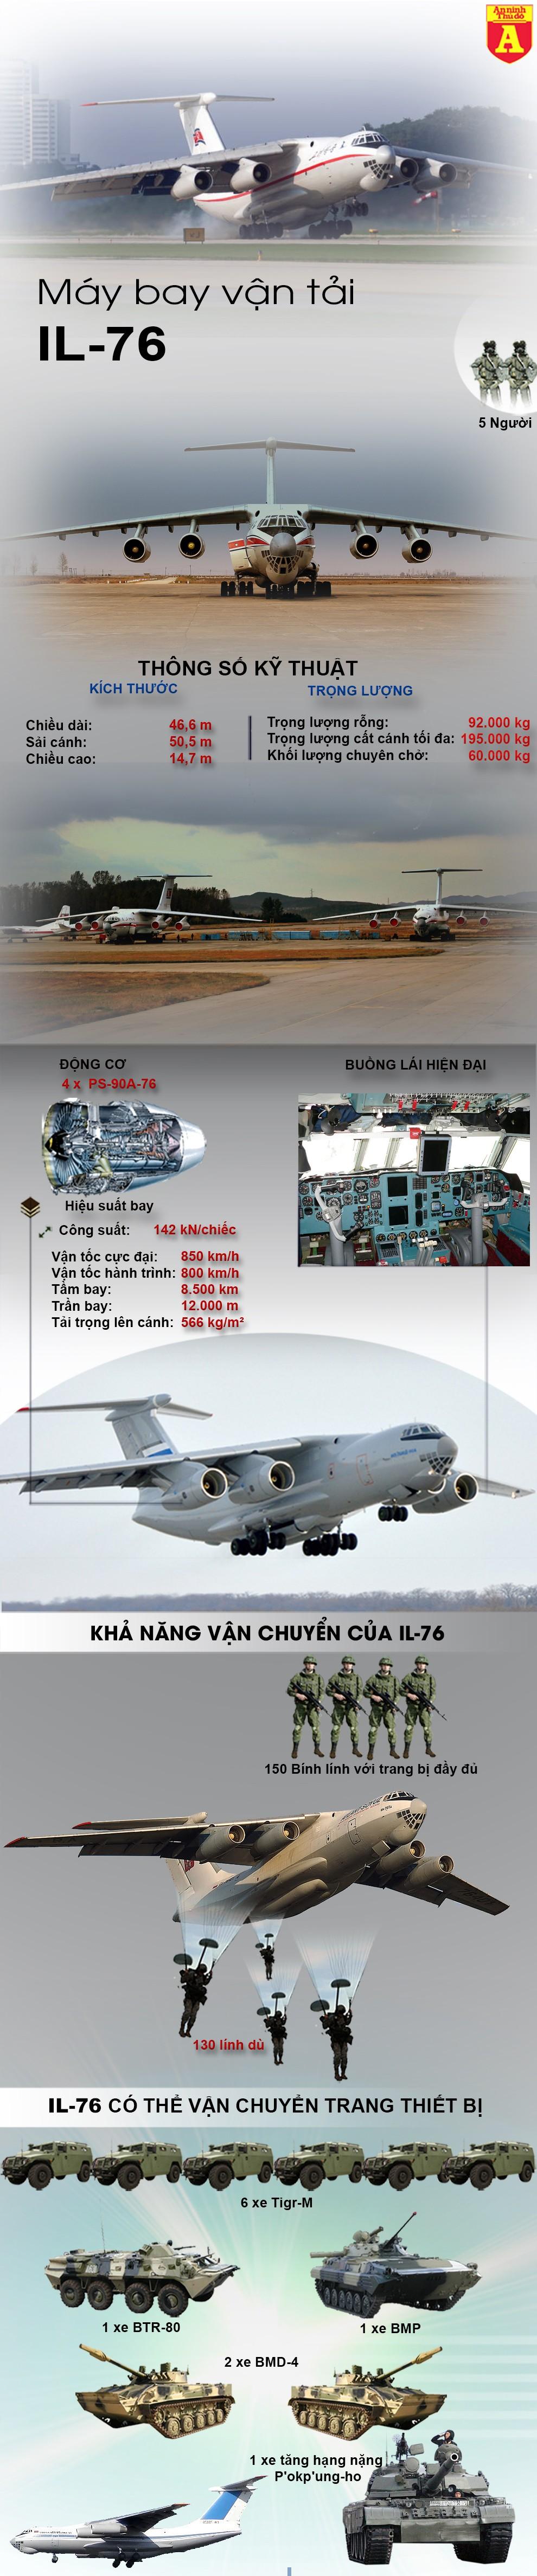 [Infographic] Bất ngờ Triều Tiên có 3 máy bay vận tải khổng lồ IL-76 của Nga ảnh 2